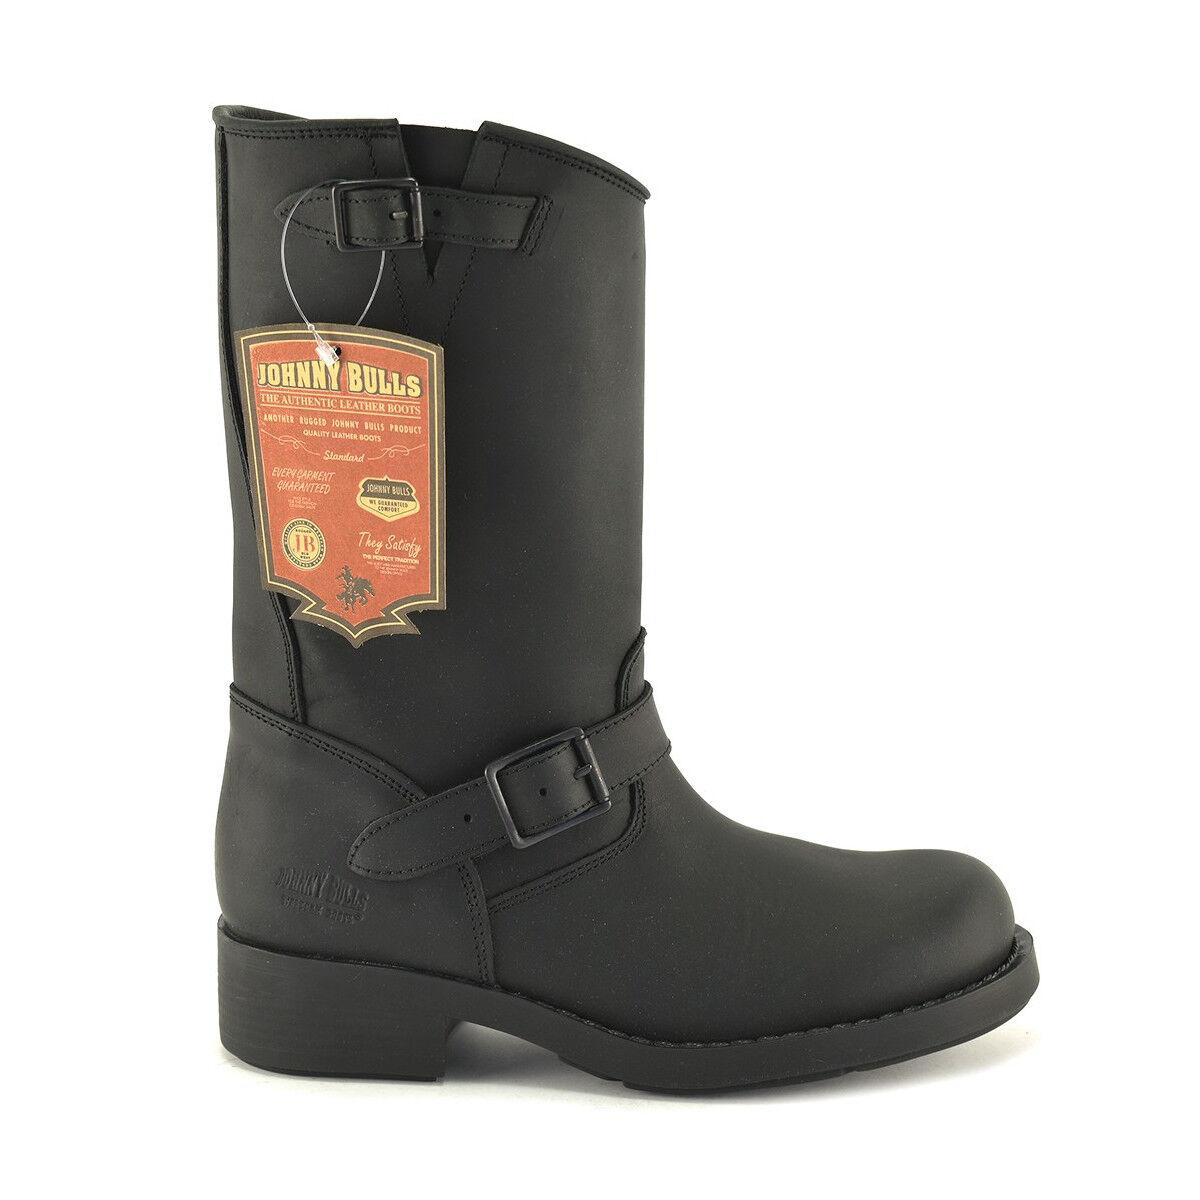 Para Hombre Ingeniero botas de cuero para motocicleta negra de nosotros tamaño 6 7 8 9 10 11 12 13